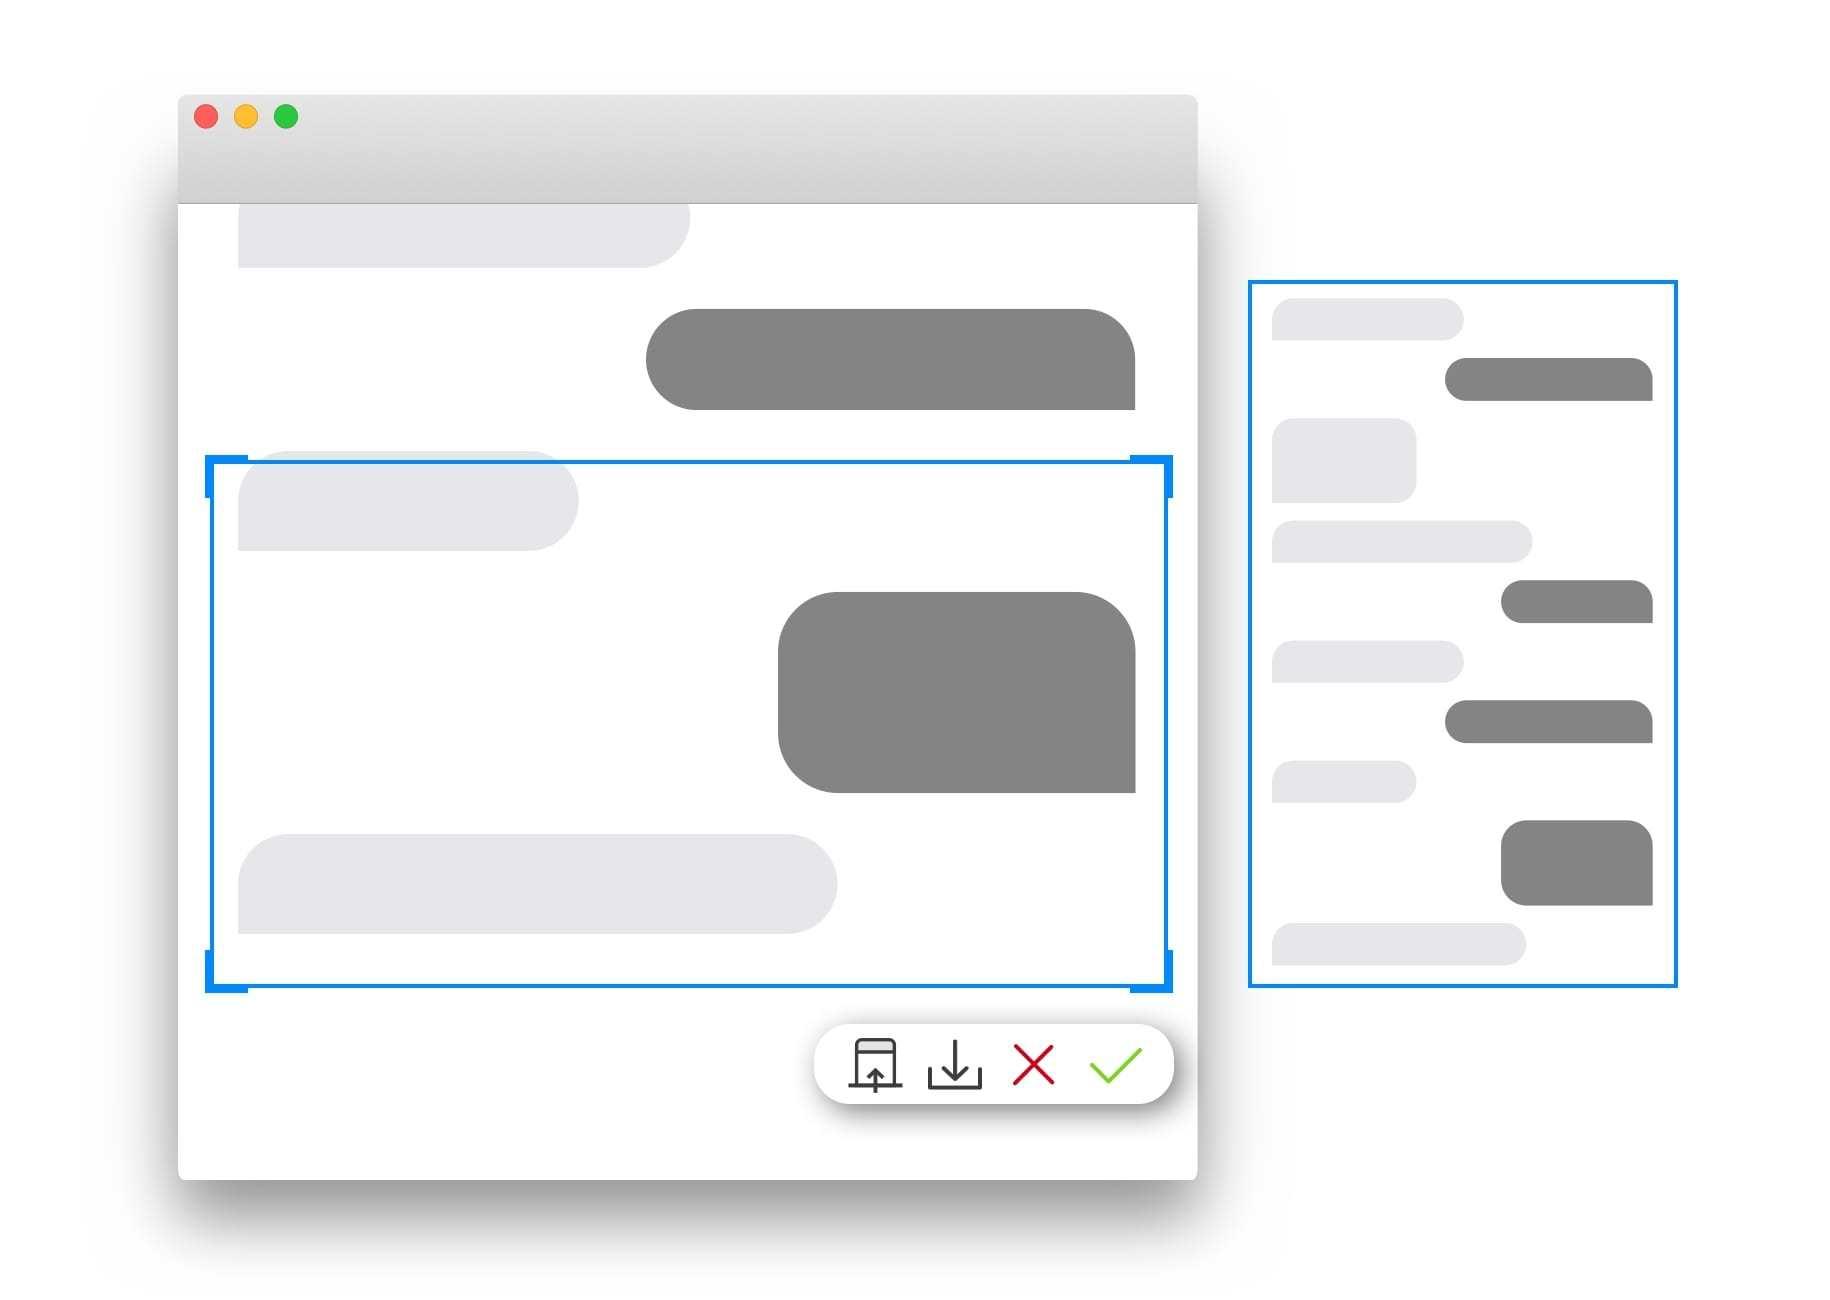 mac 截图技能大全以及分享一款好用的免费截图工具 Xnip的图片-高老四博客 第2张